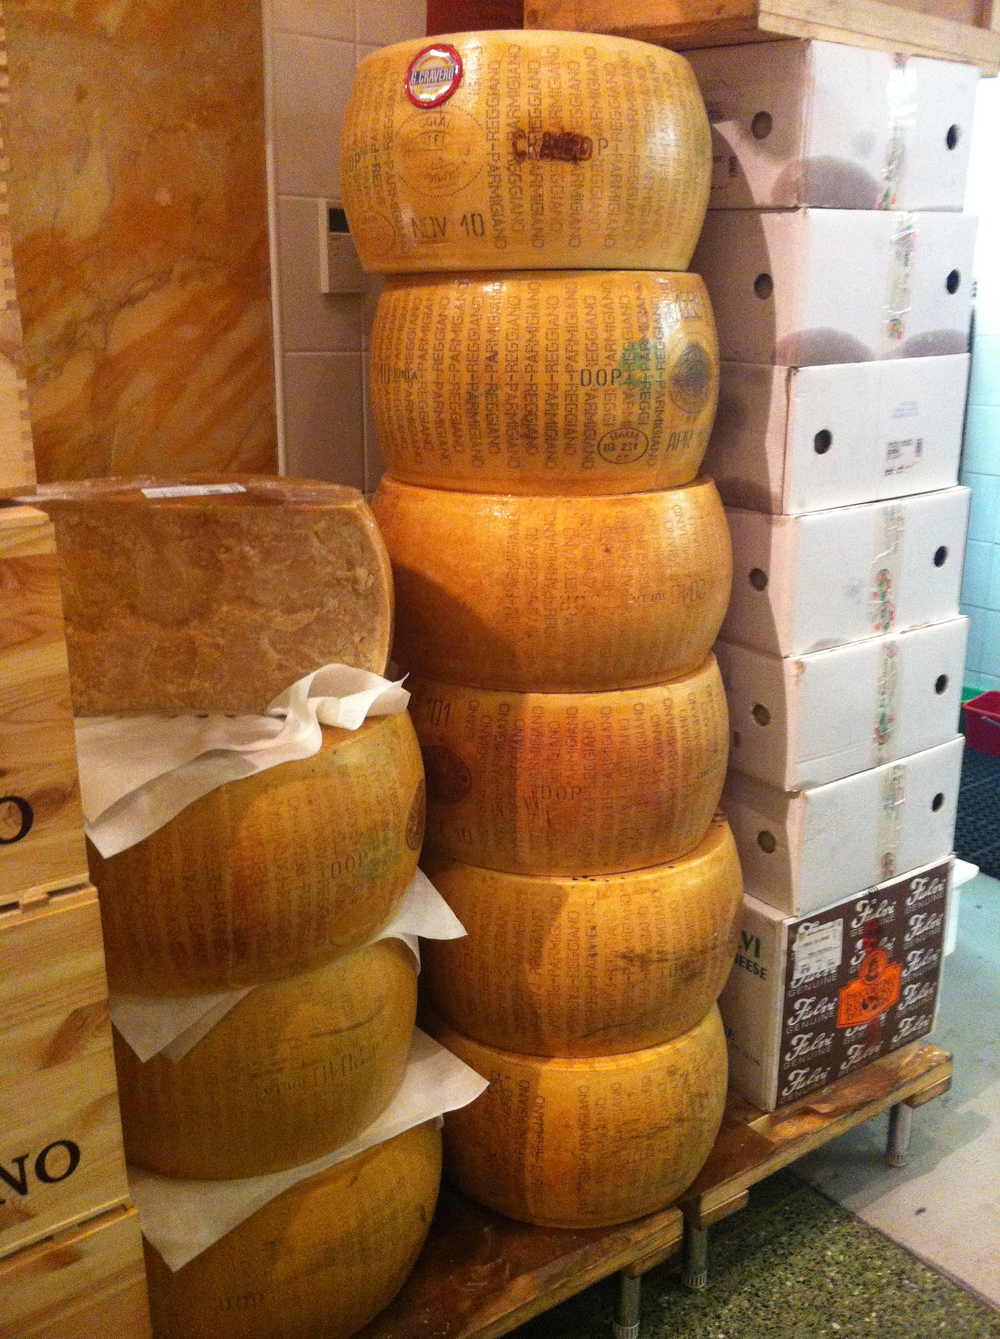 Pense numas 'roda' de queijo?